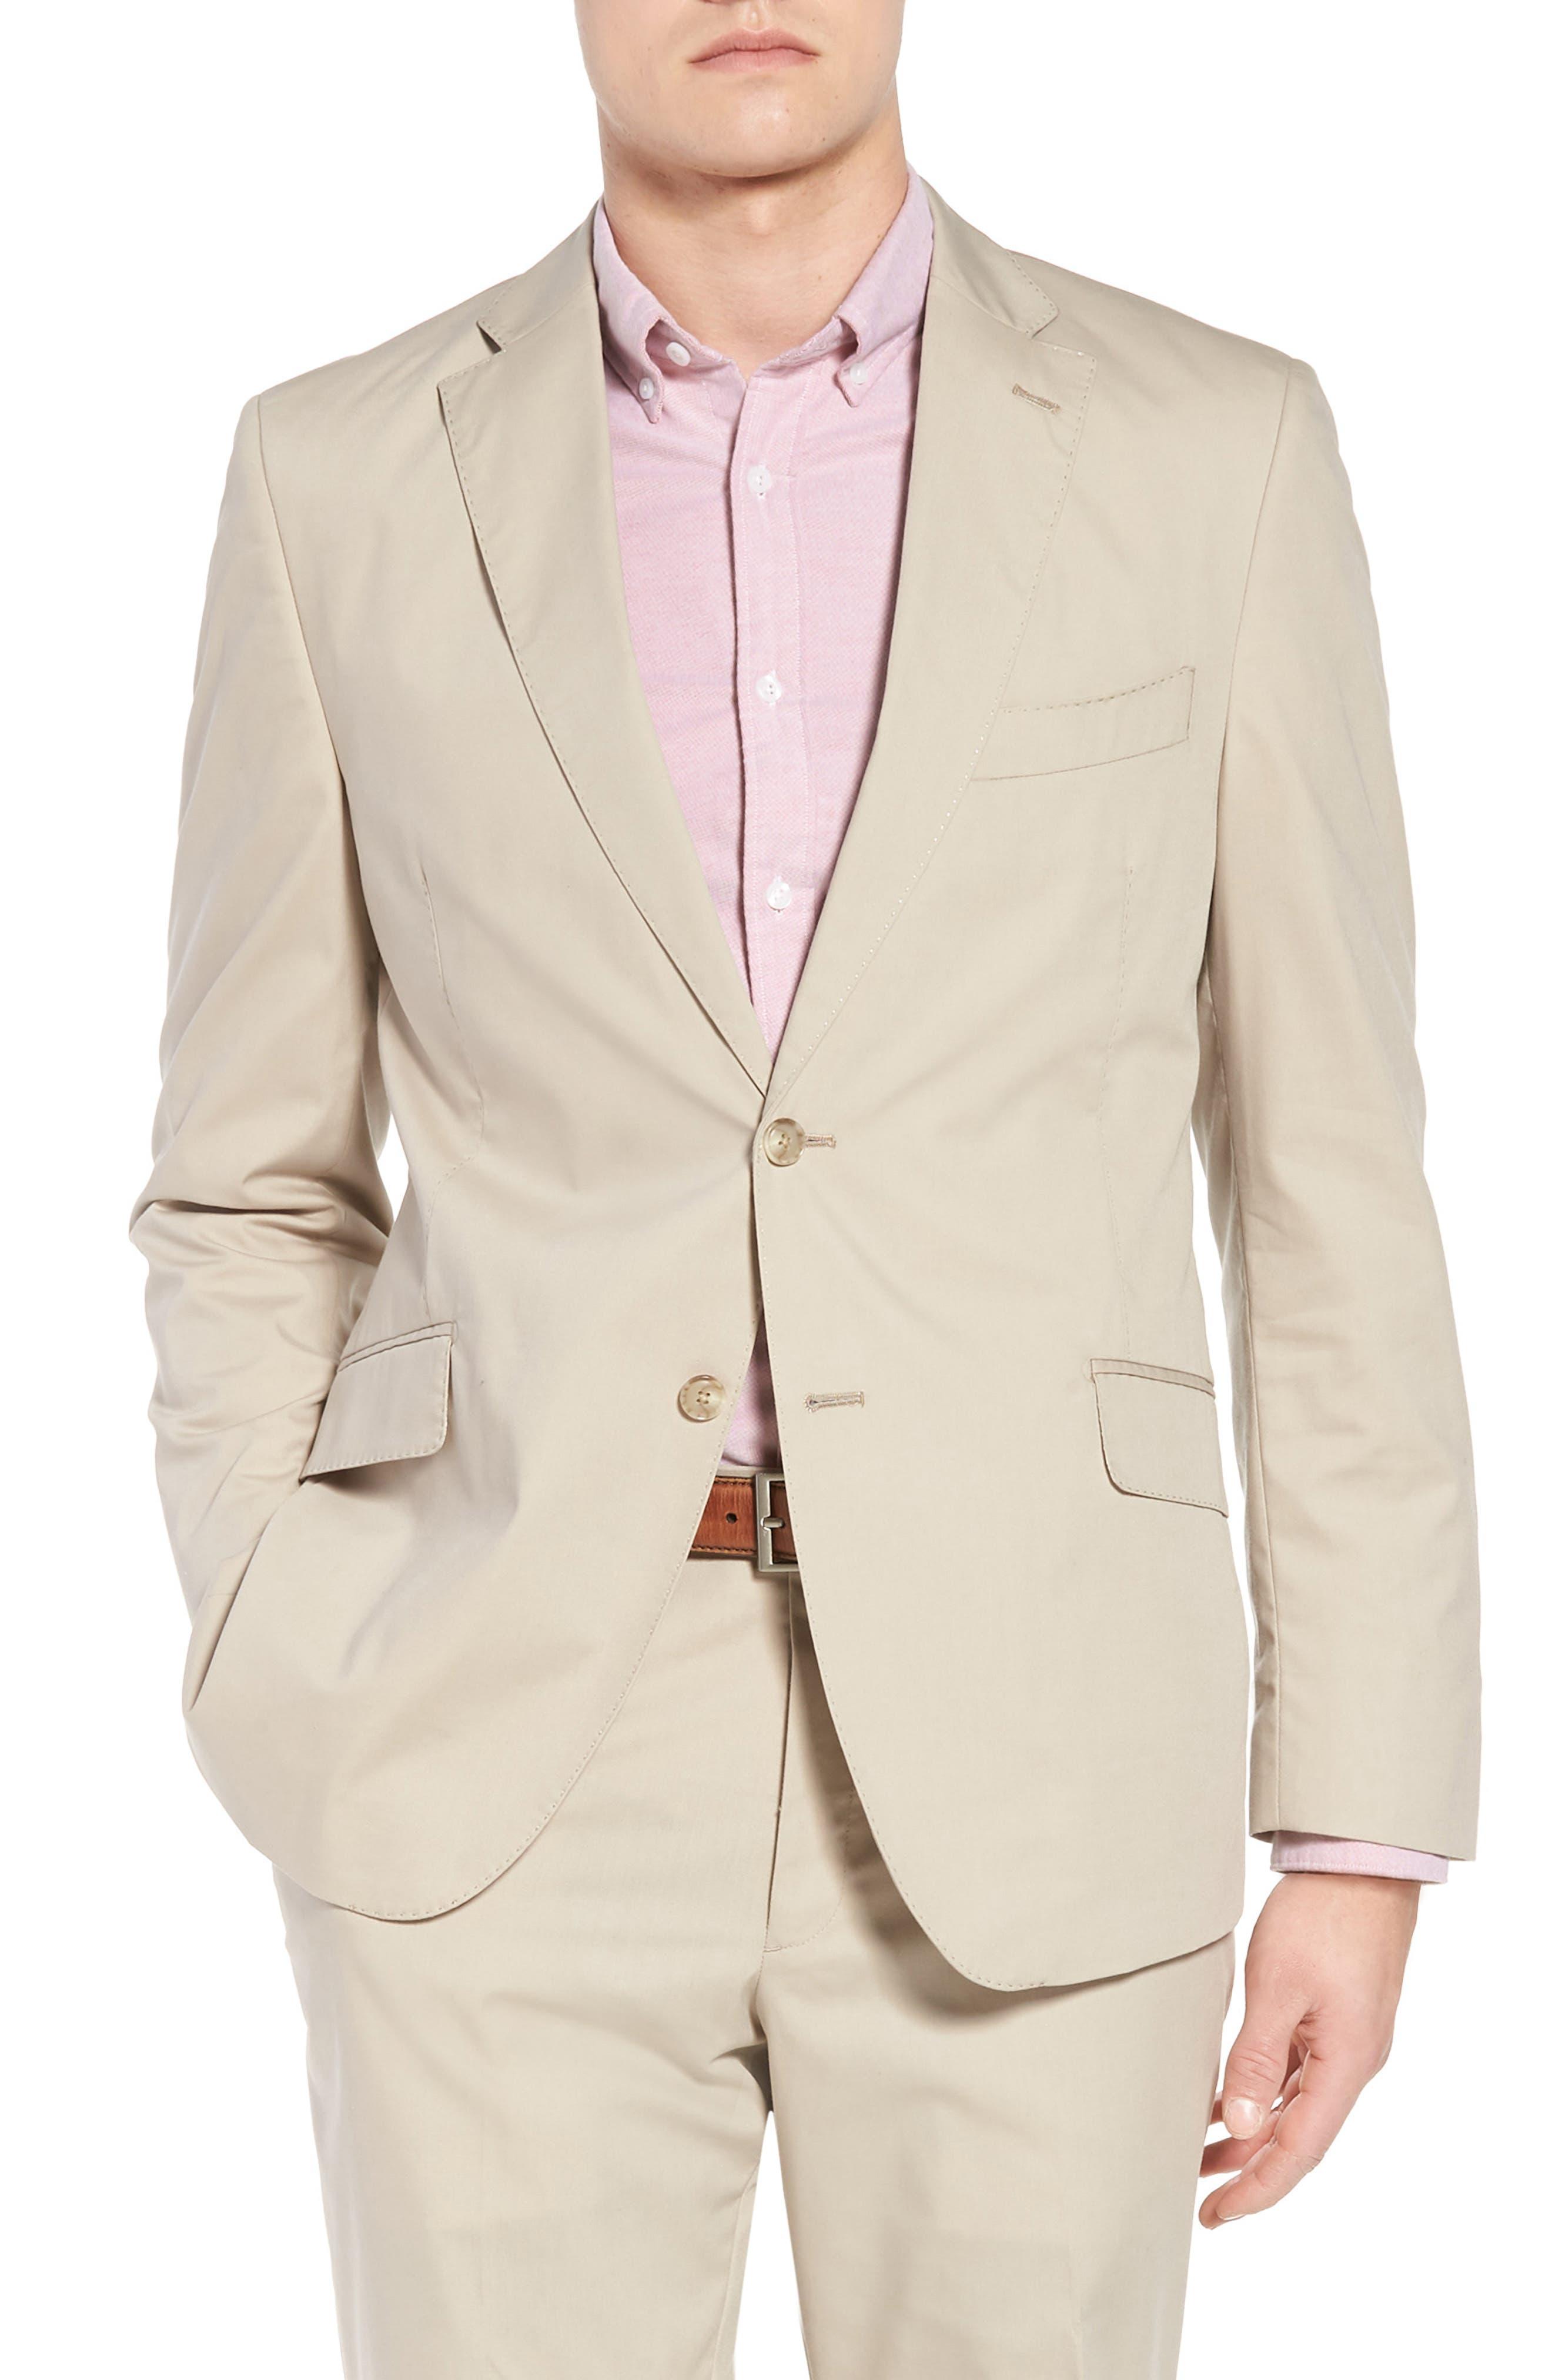 Irons AIM Classic Fit Solid Cotton Blend Suit,                             Alternate thumbnail 4, color,                             Beige